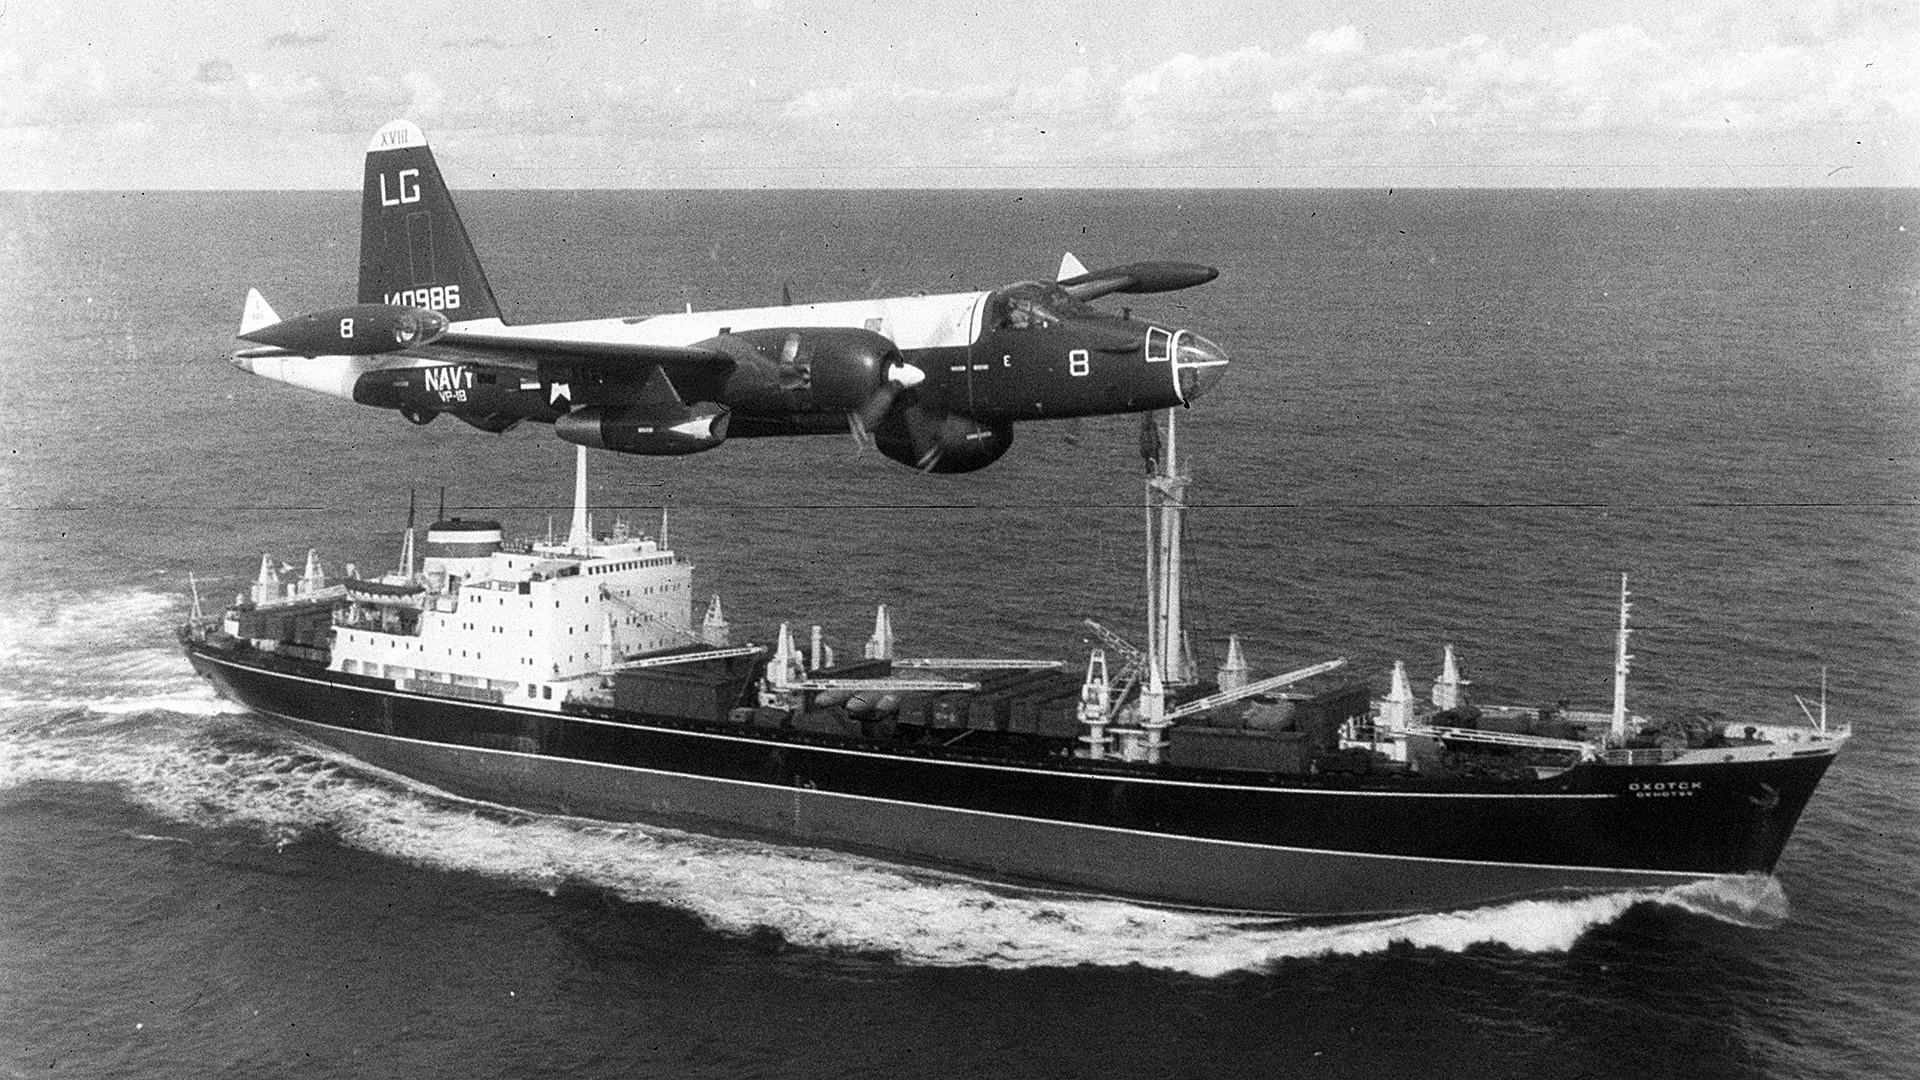 Avión de patrulla estadounidense P2V Neptune vuela sobre el barco soviético durante el crisis de los misiles.